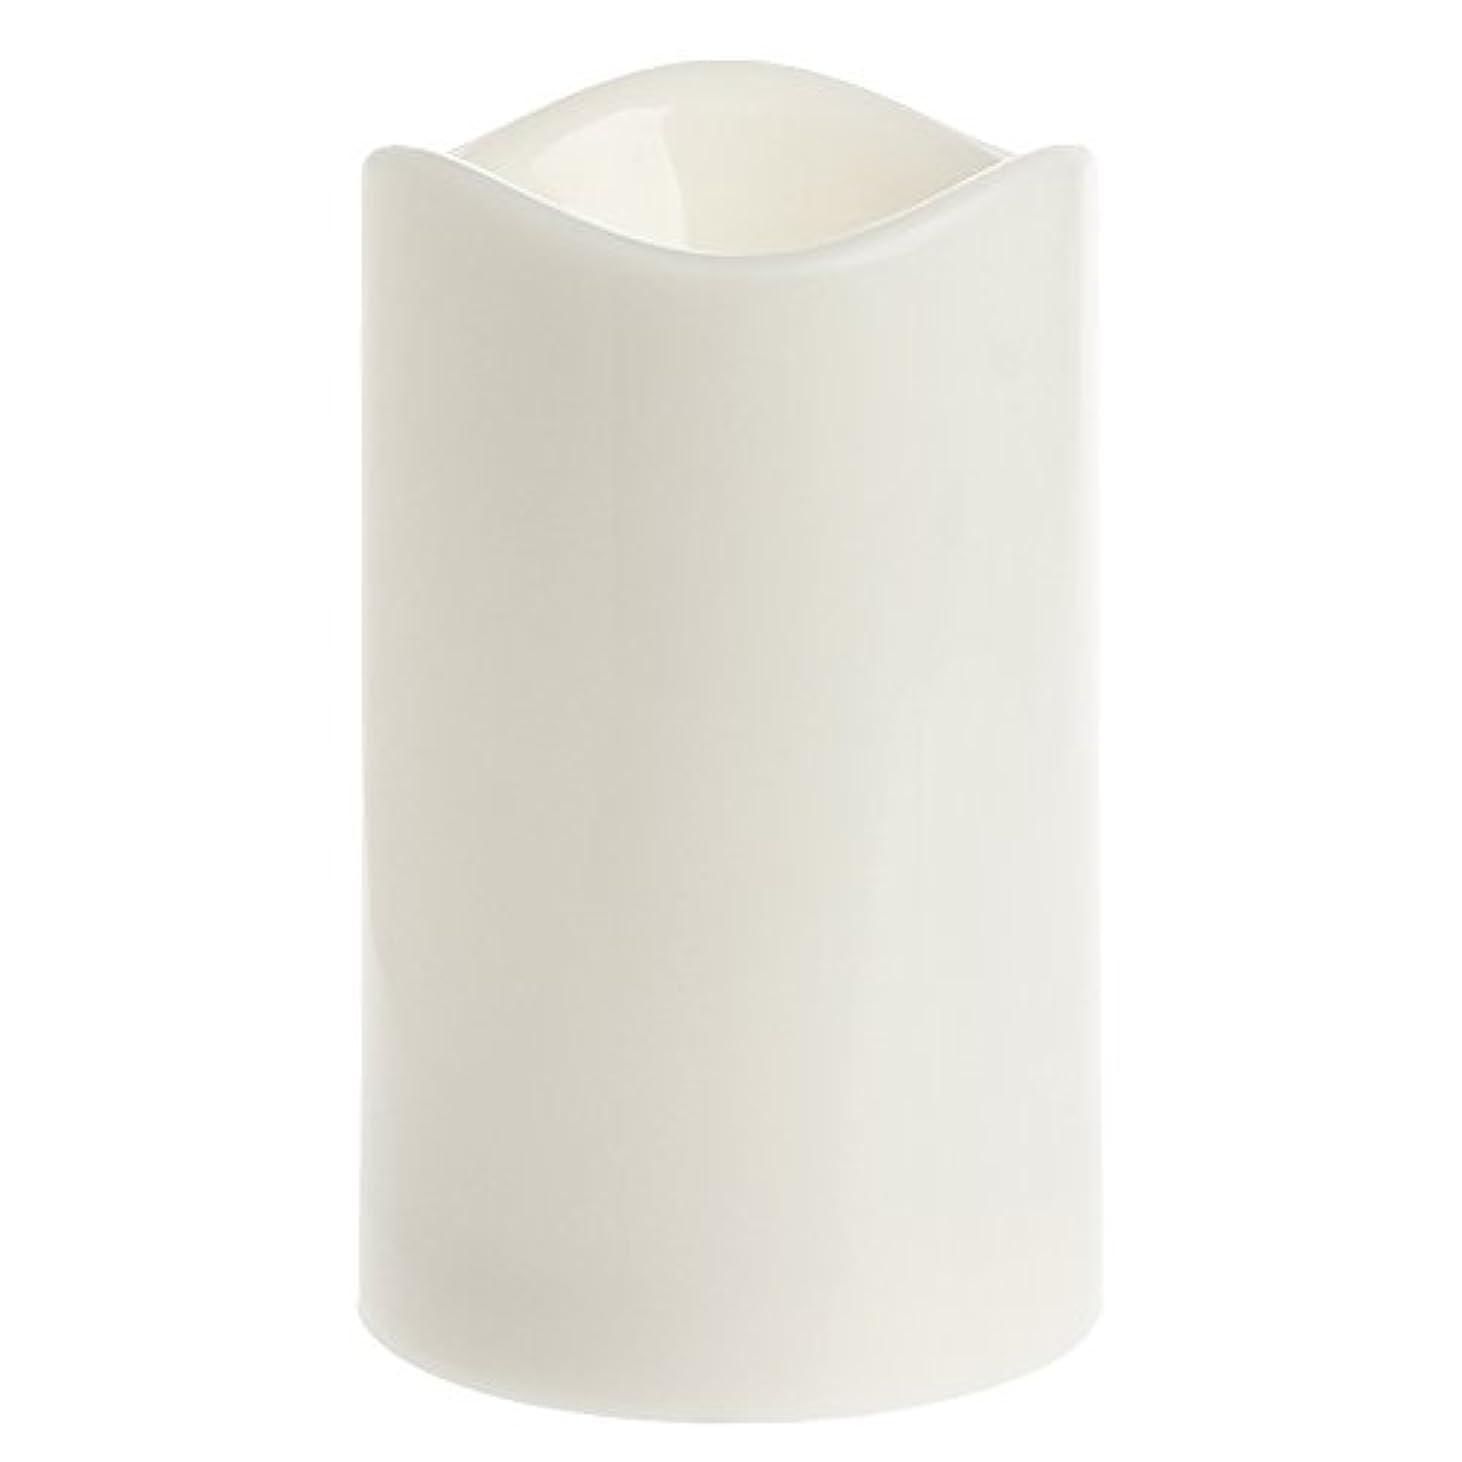 チームラビリンス間違っているSimpleLife ロマンチックなFlameless LED電子キャンドルライト結婚式の香りワックスホームインテリア15 * 7.5センチメートル